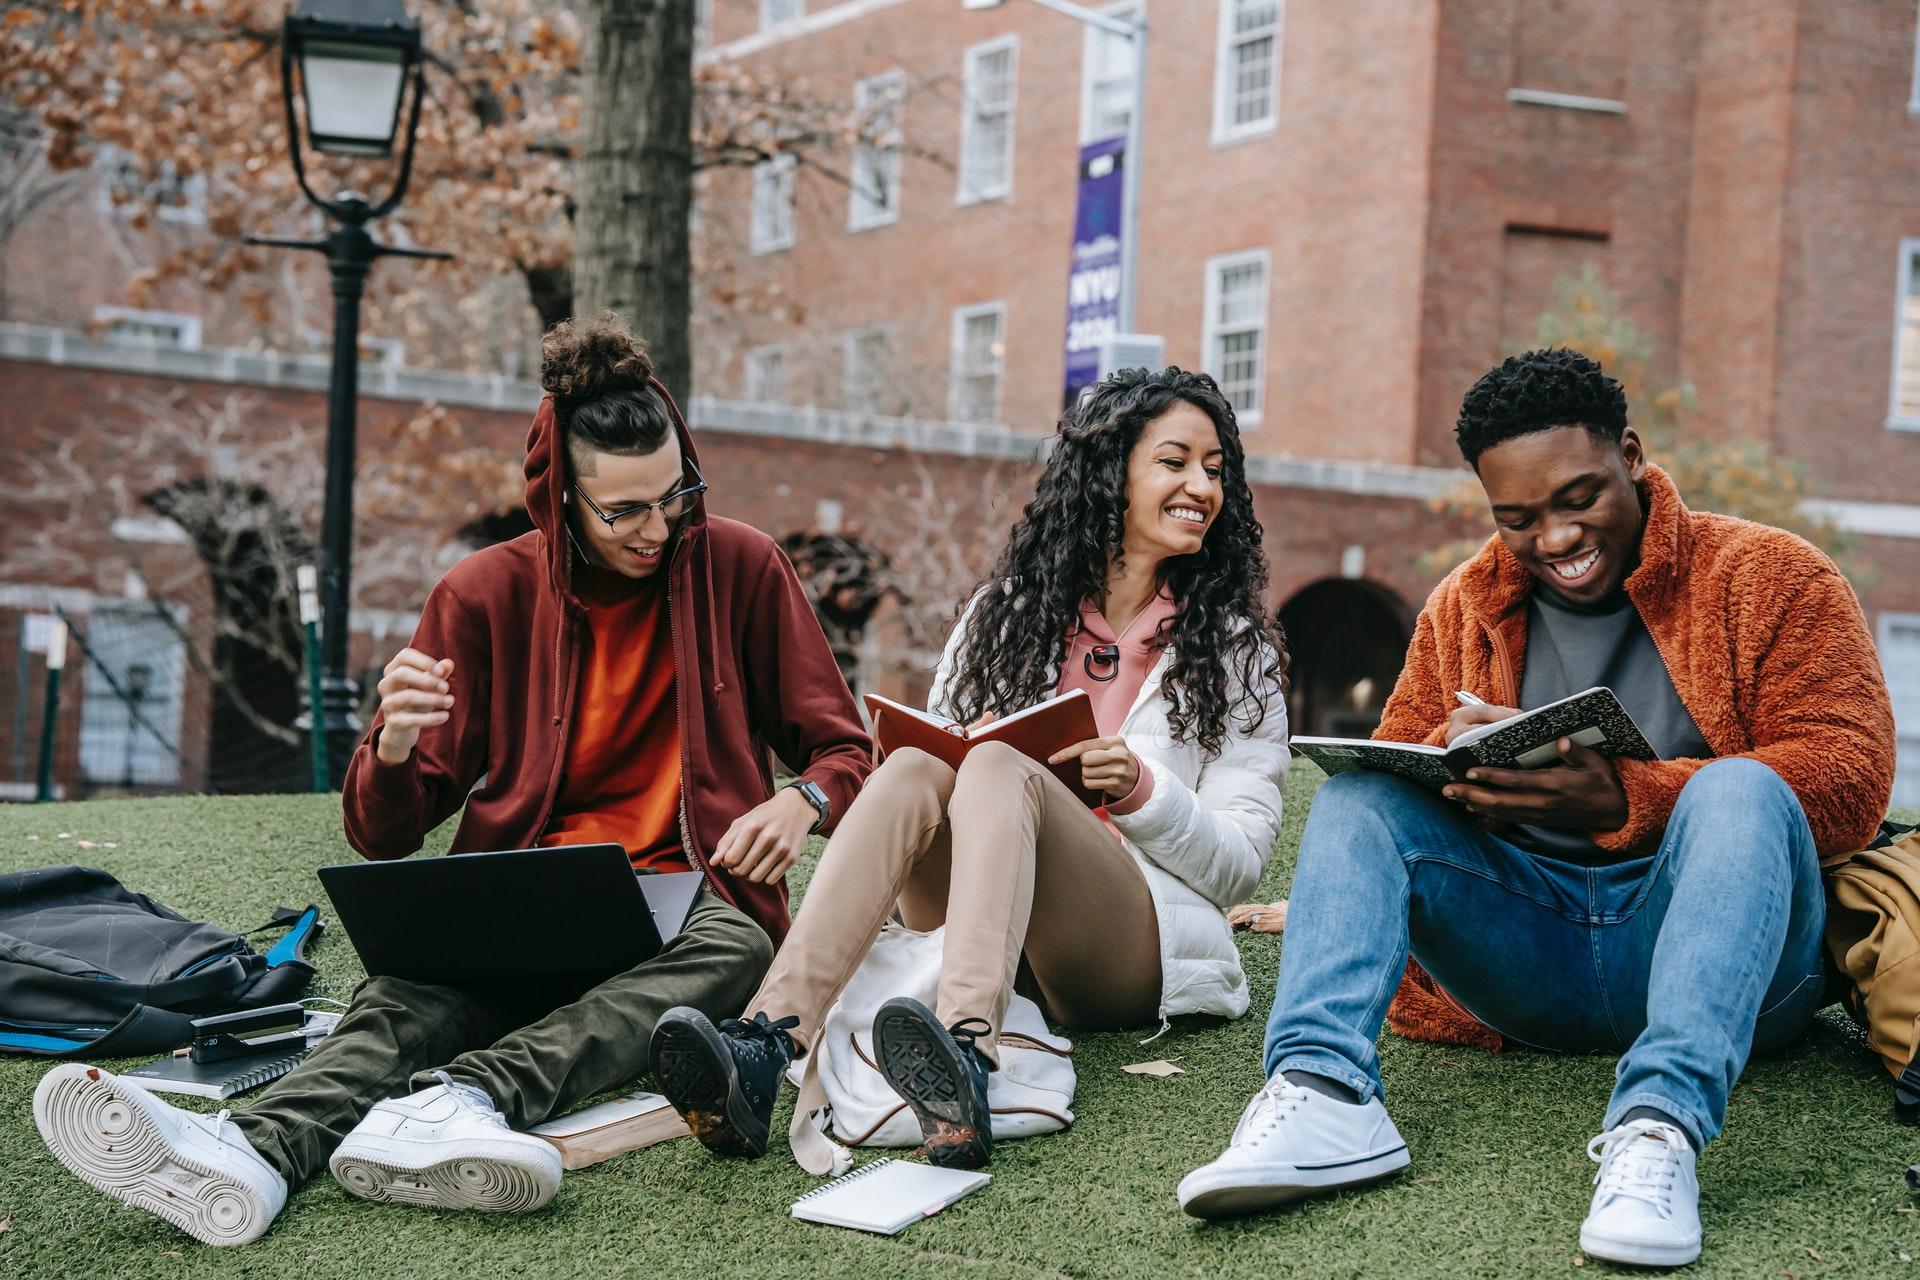 University Student Society